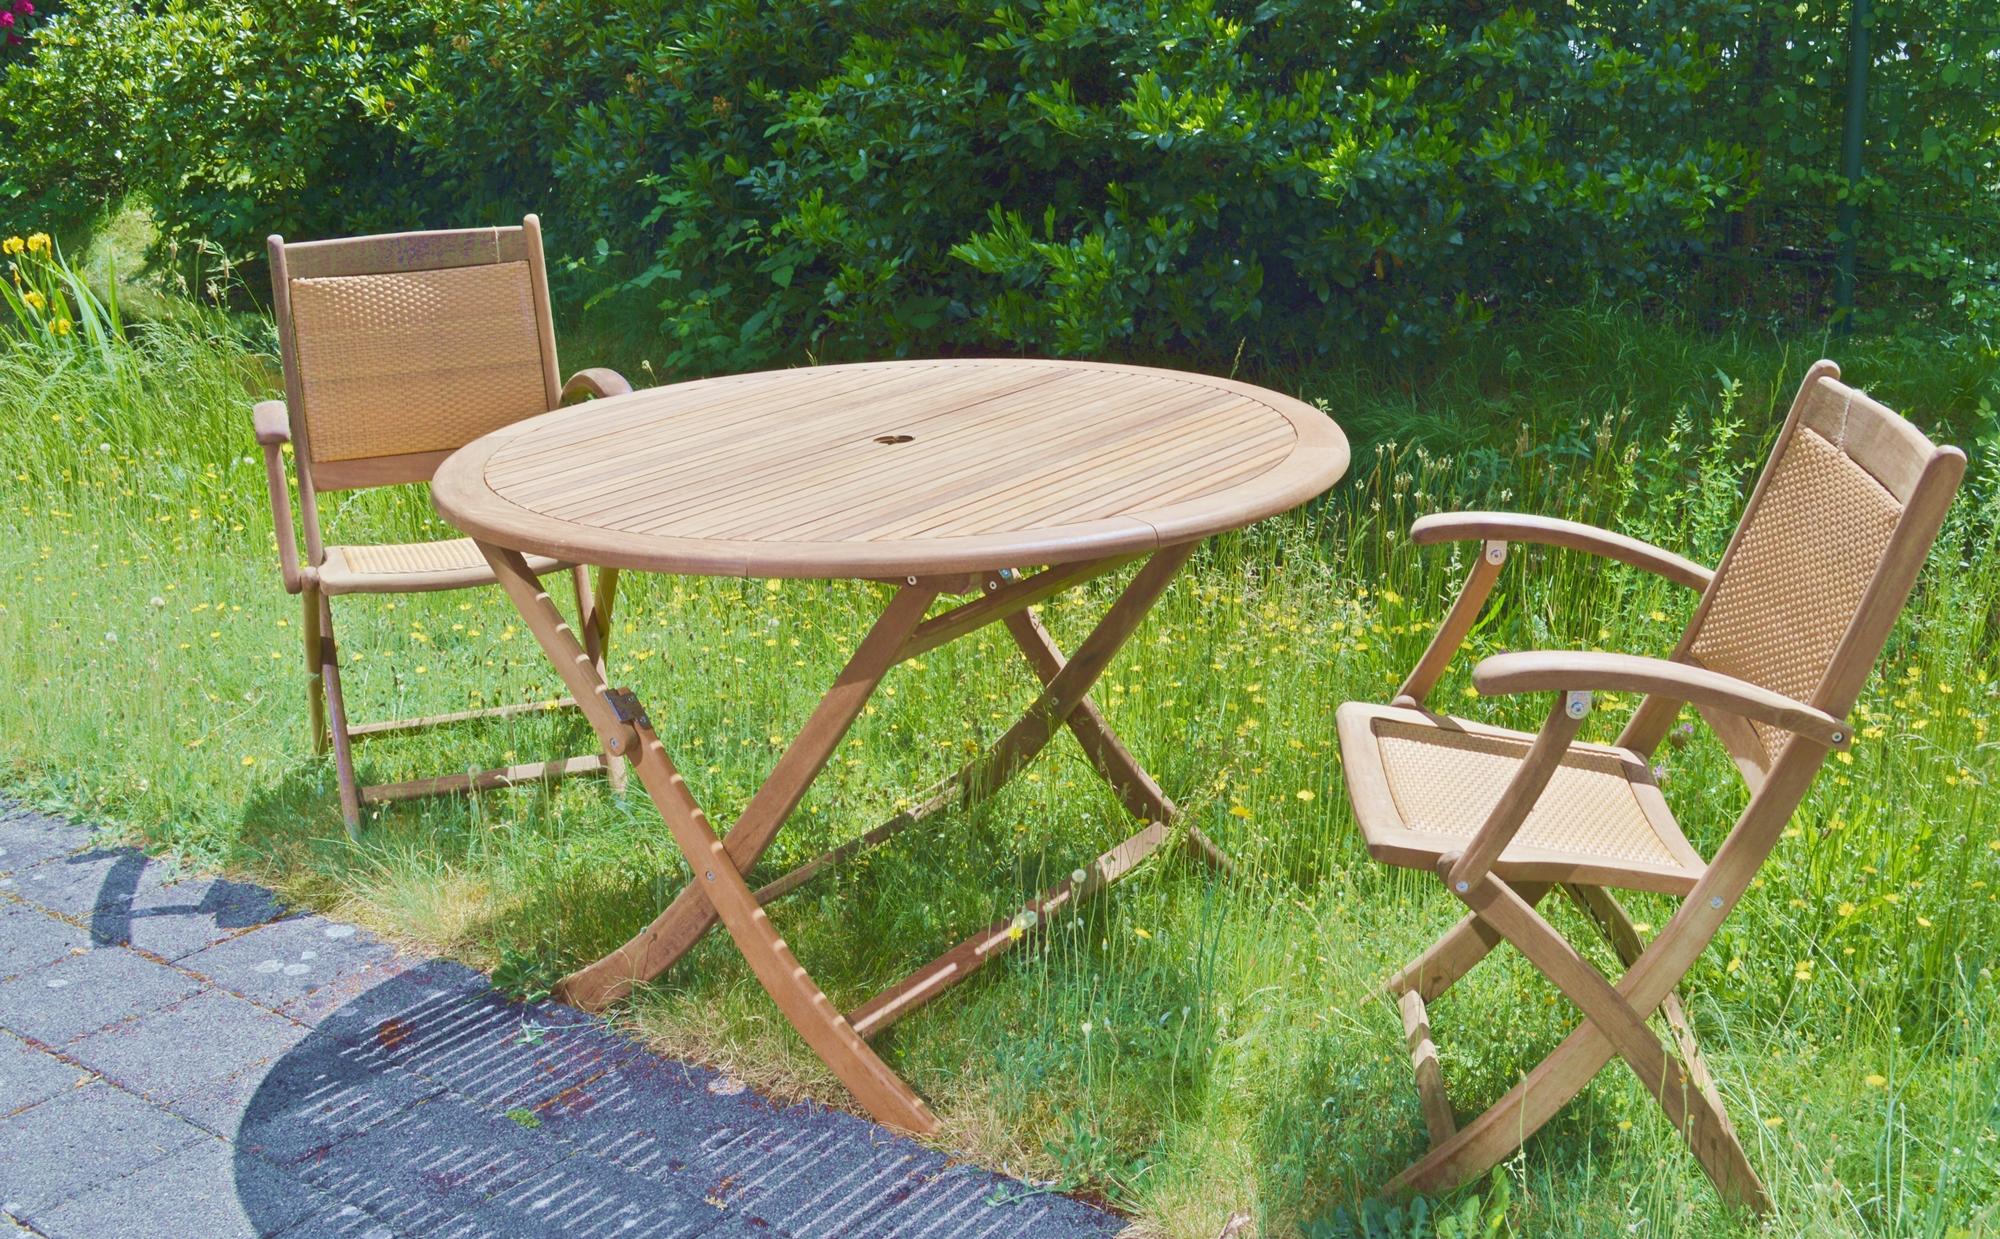 klappstuhl mit tisch cool windsor klappsthle tisch von belardo with klappstuhl mit tisch cheap. Black Bedroom Furniture Sets. Home Design Ideas